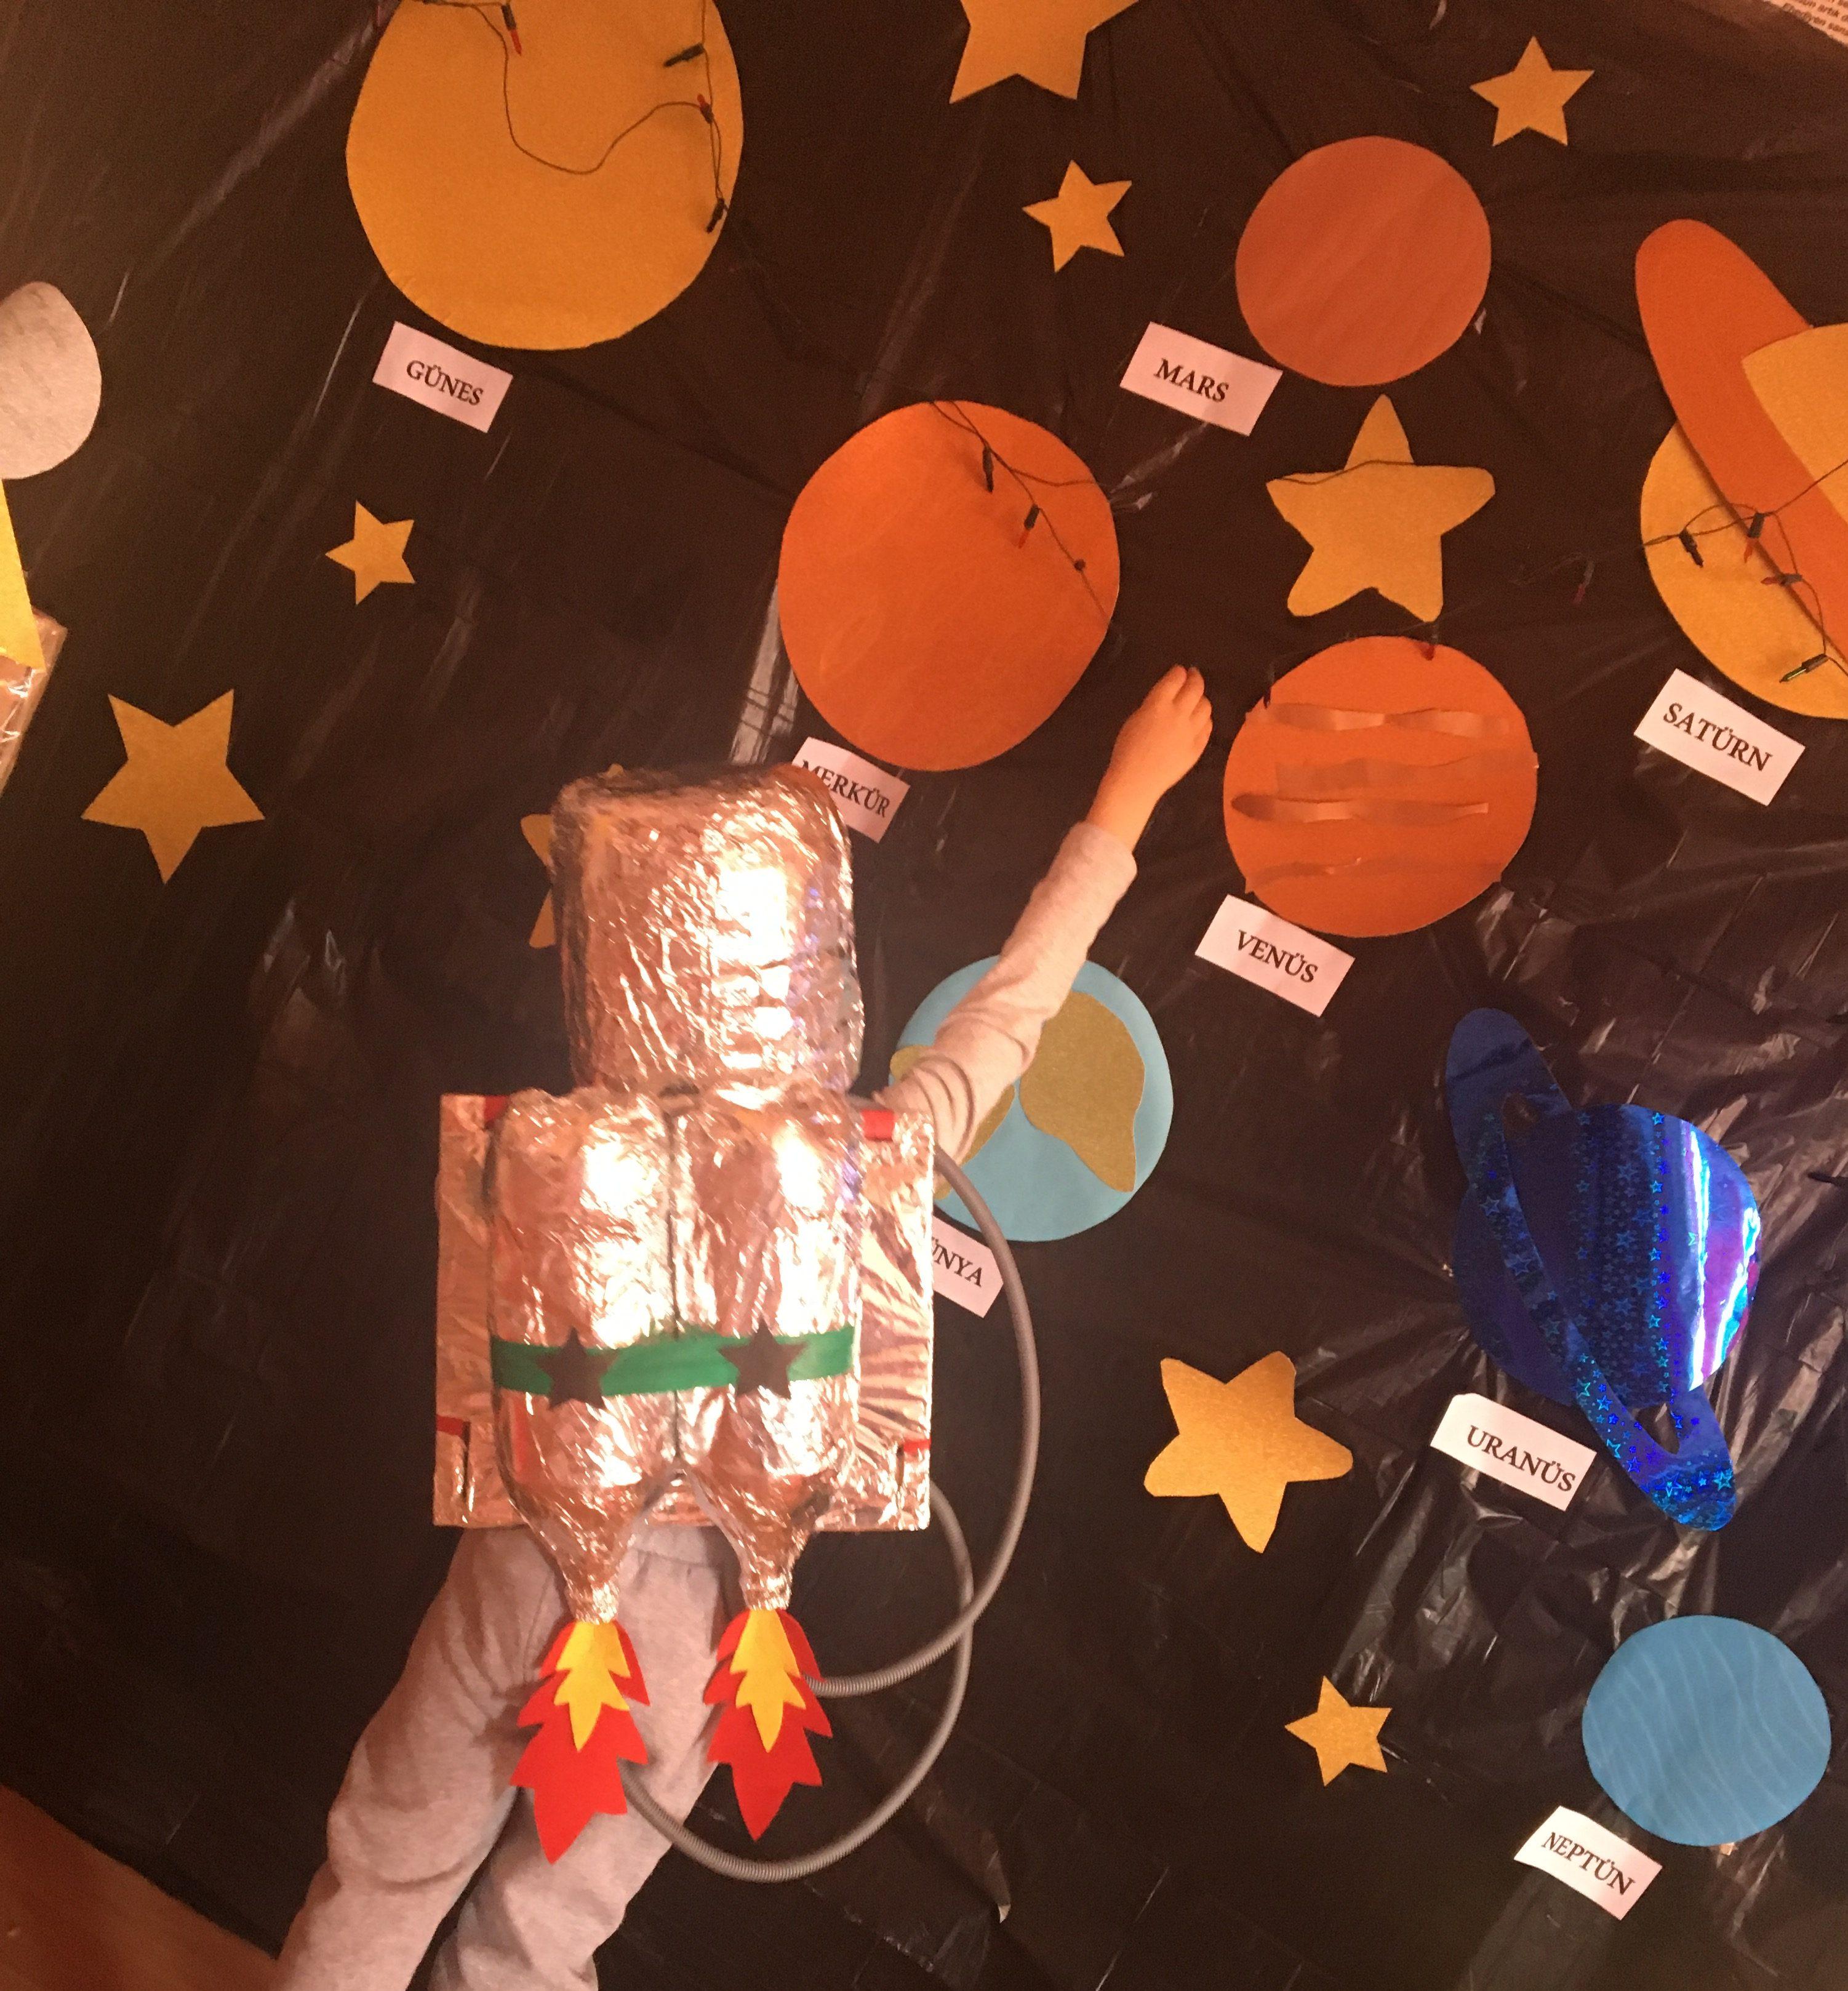 Uzaya Yolculuk Okul Oncesi Uzay Gunes Sistemi Gezegenler Astronot